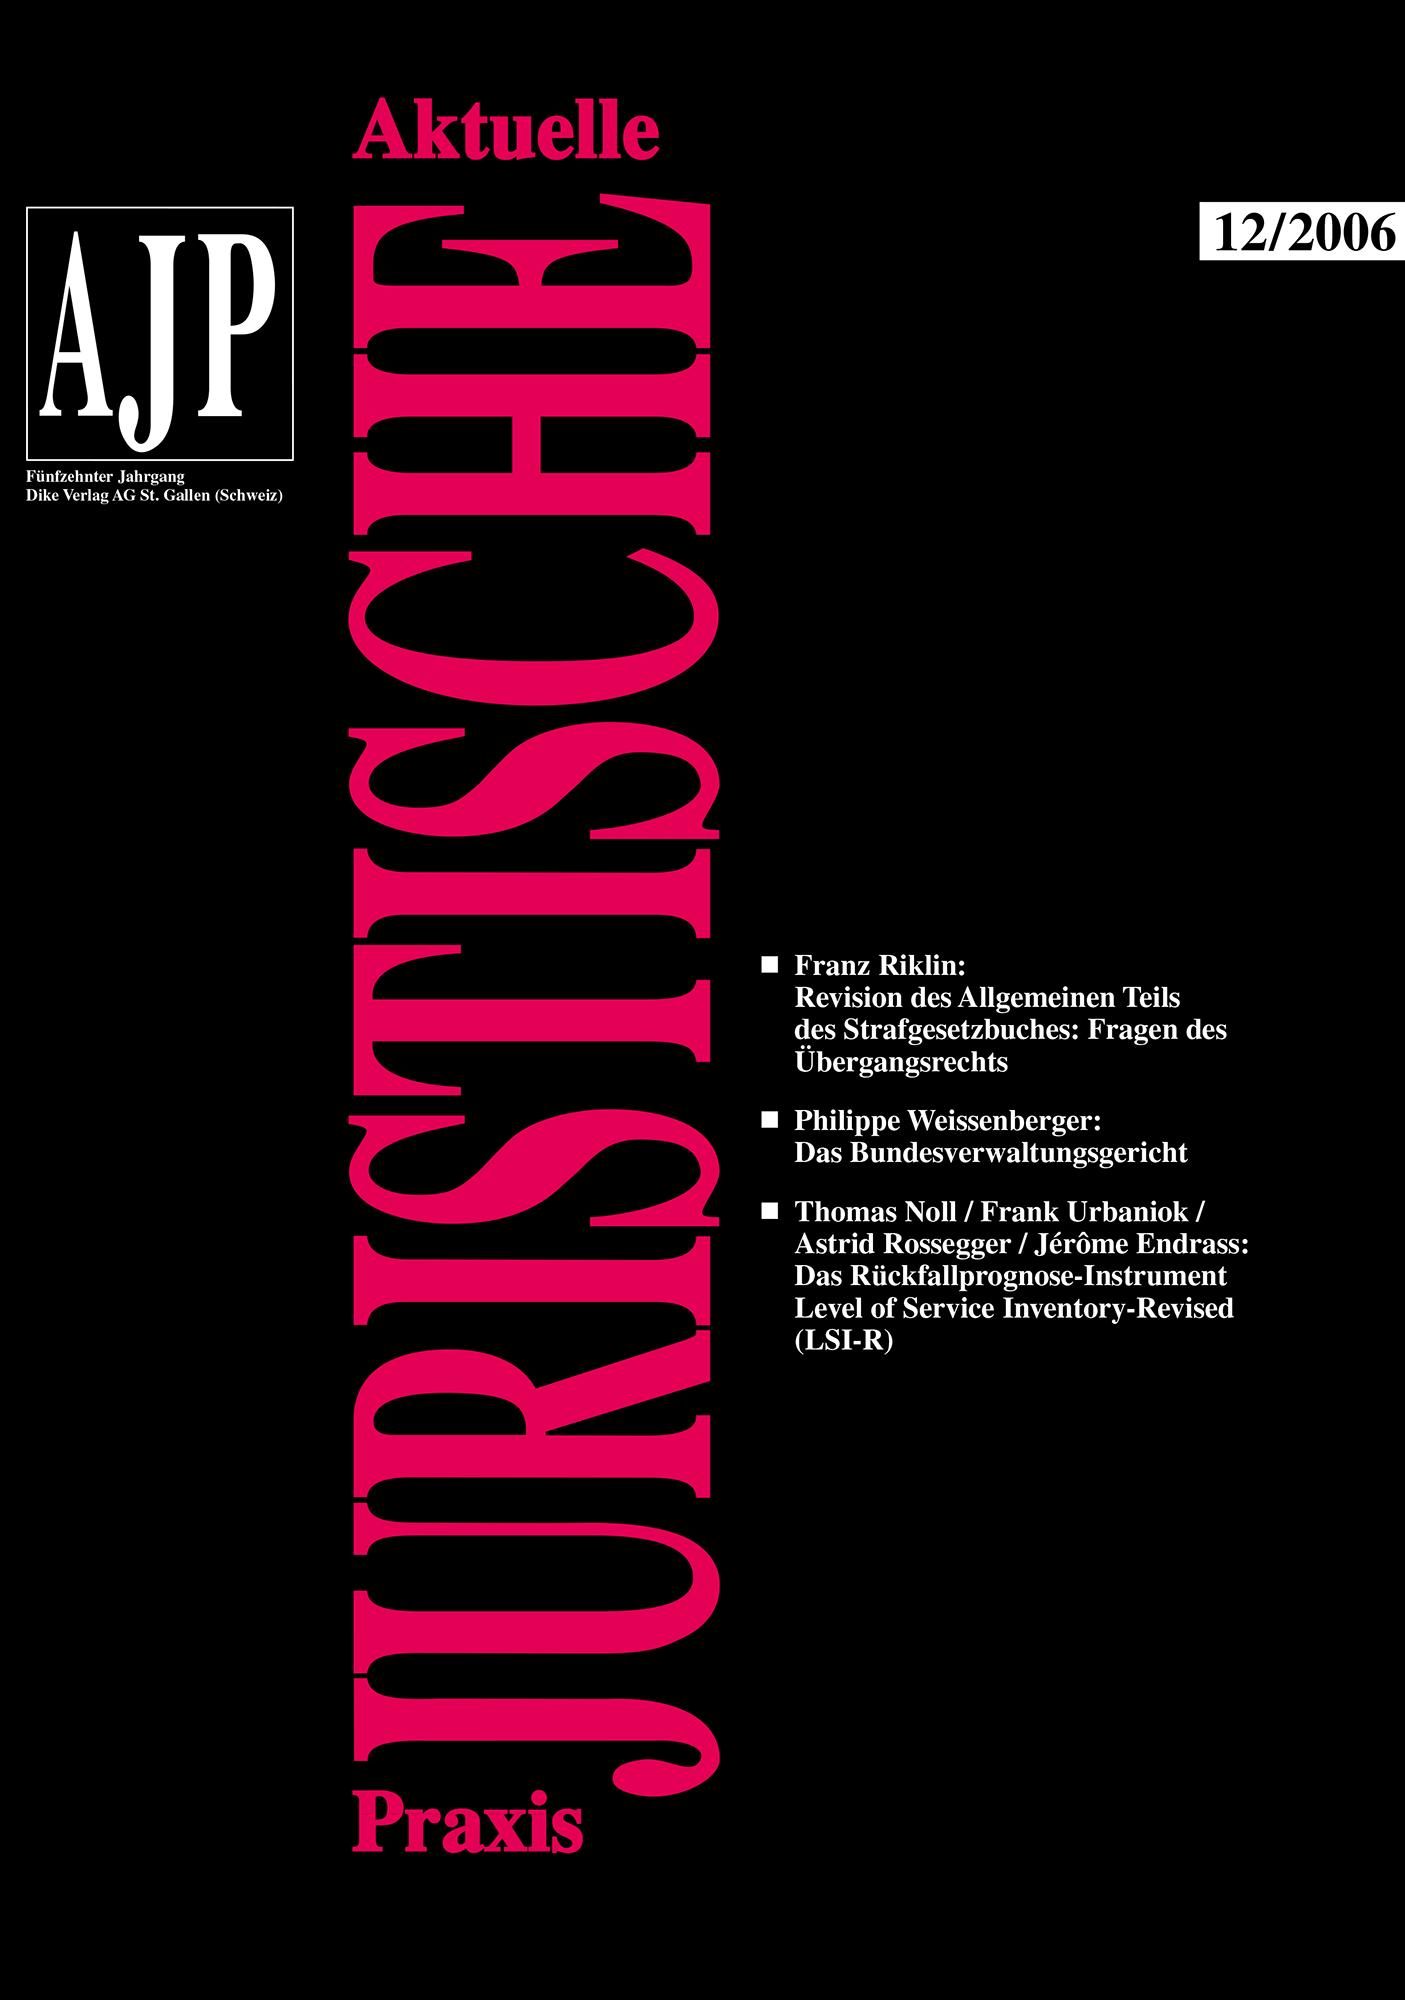 AJP/PJA 12/2006